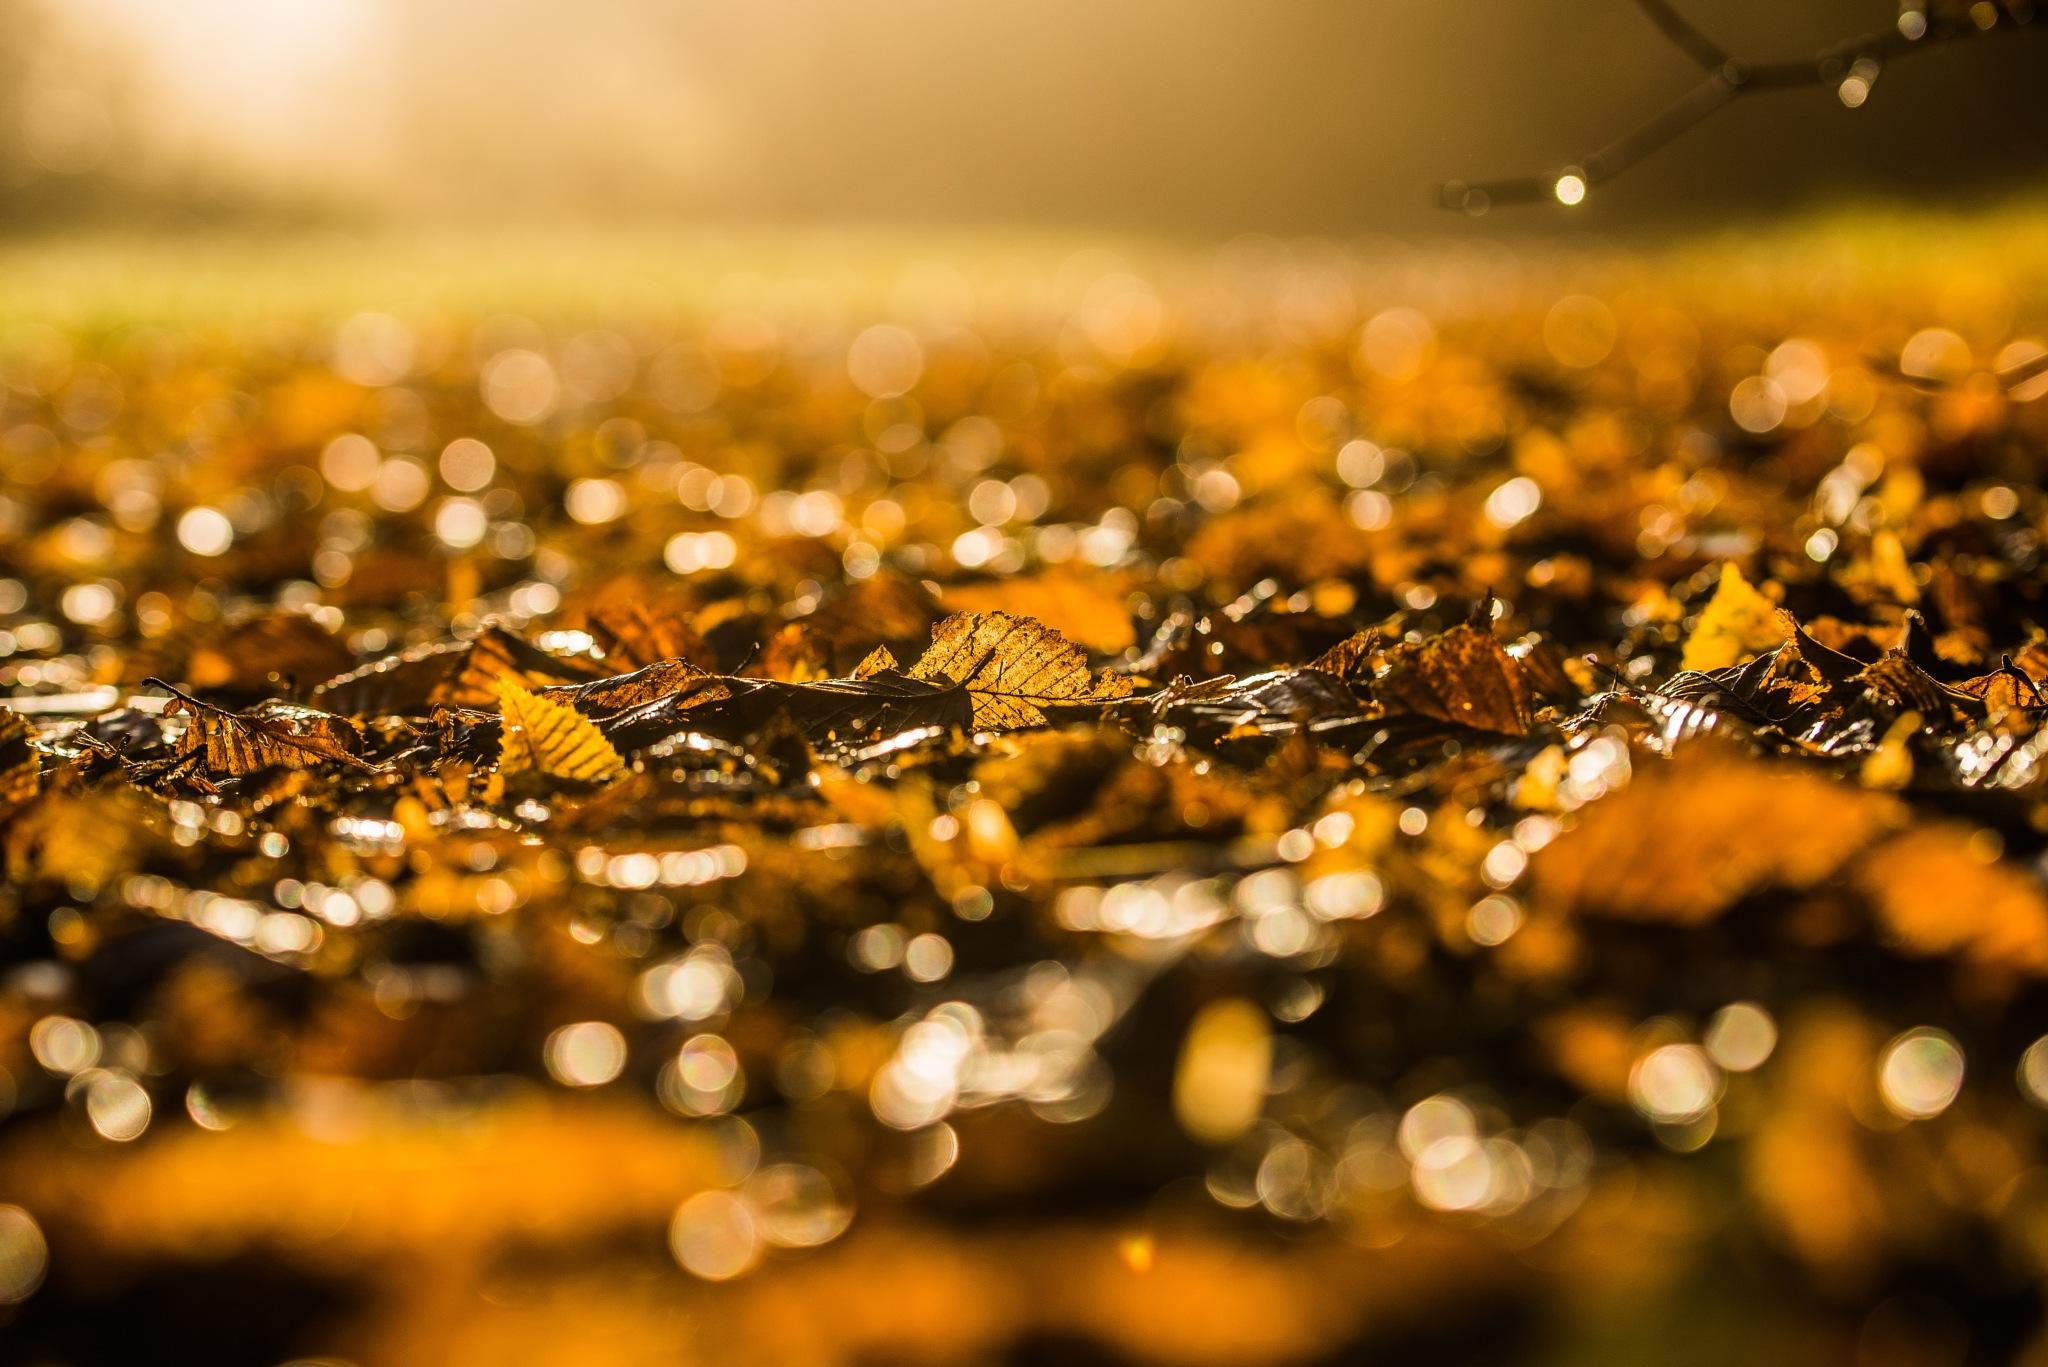 Yep, it is autumn by Gilbert de Bruijn